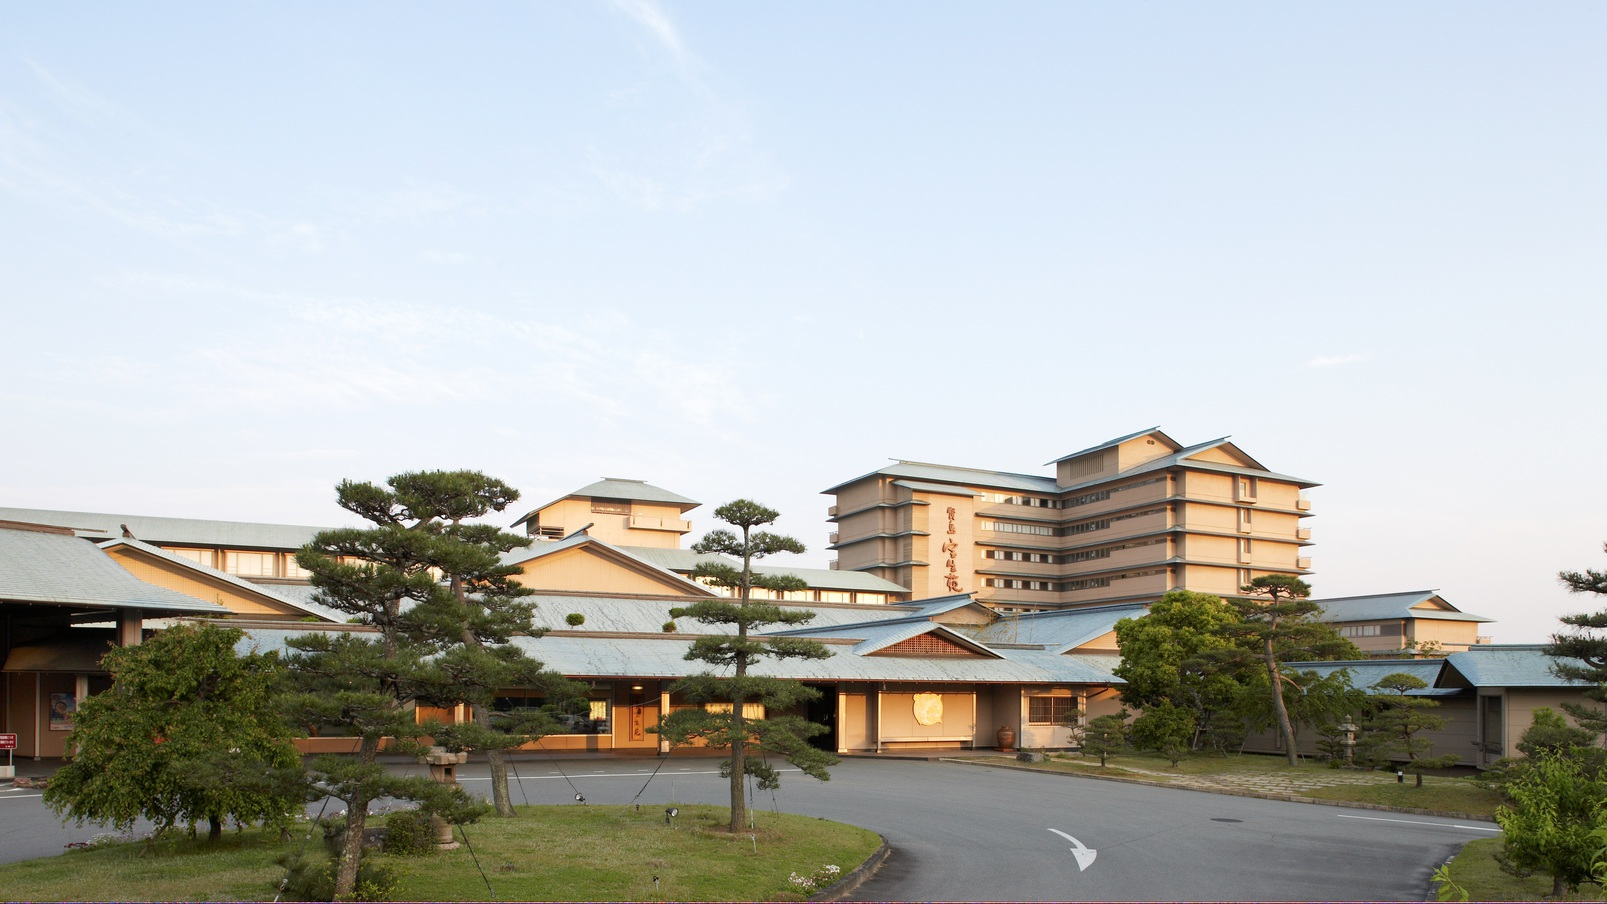 志摩温泉で妊婦さんにおすすめのおいしい和食が食べられる宿を教えてください!